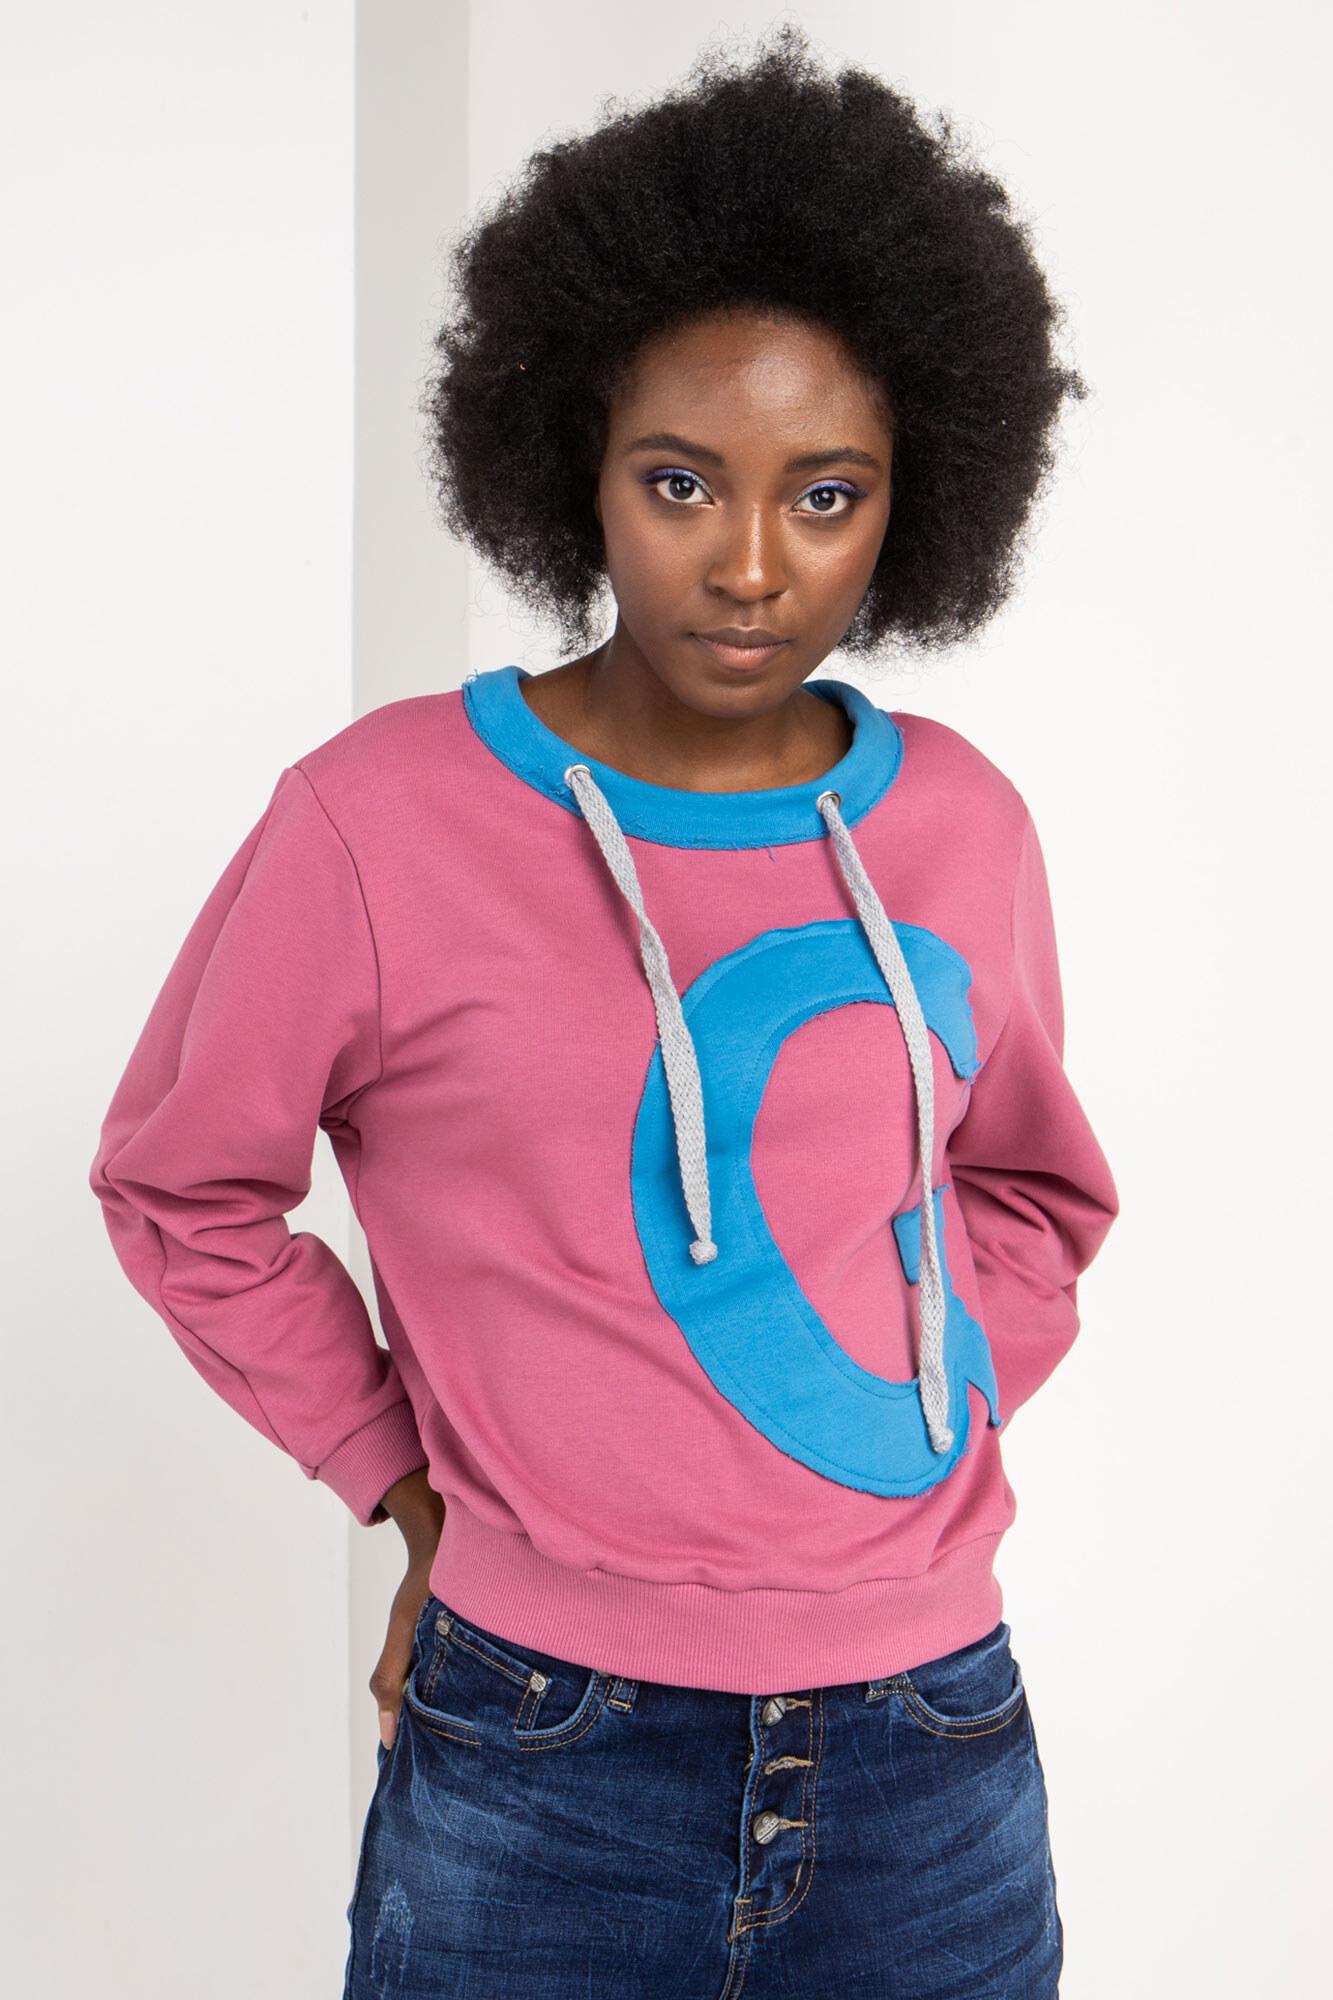 Розовый трикотажный свитер в спортивном стиле со шнурками